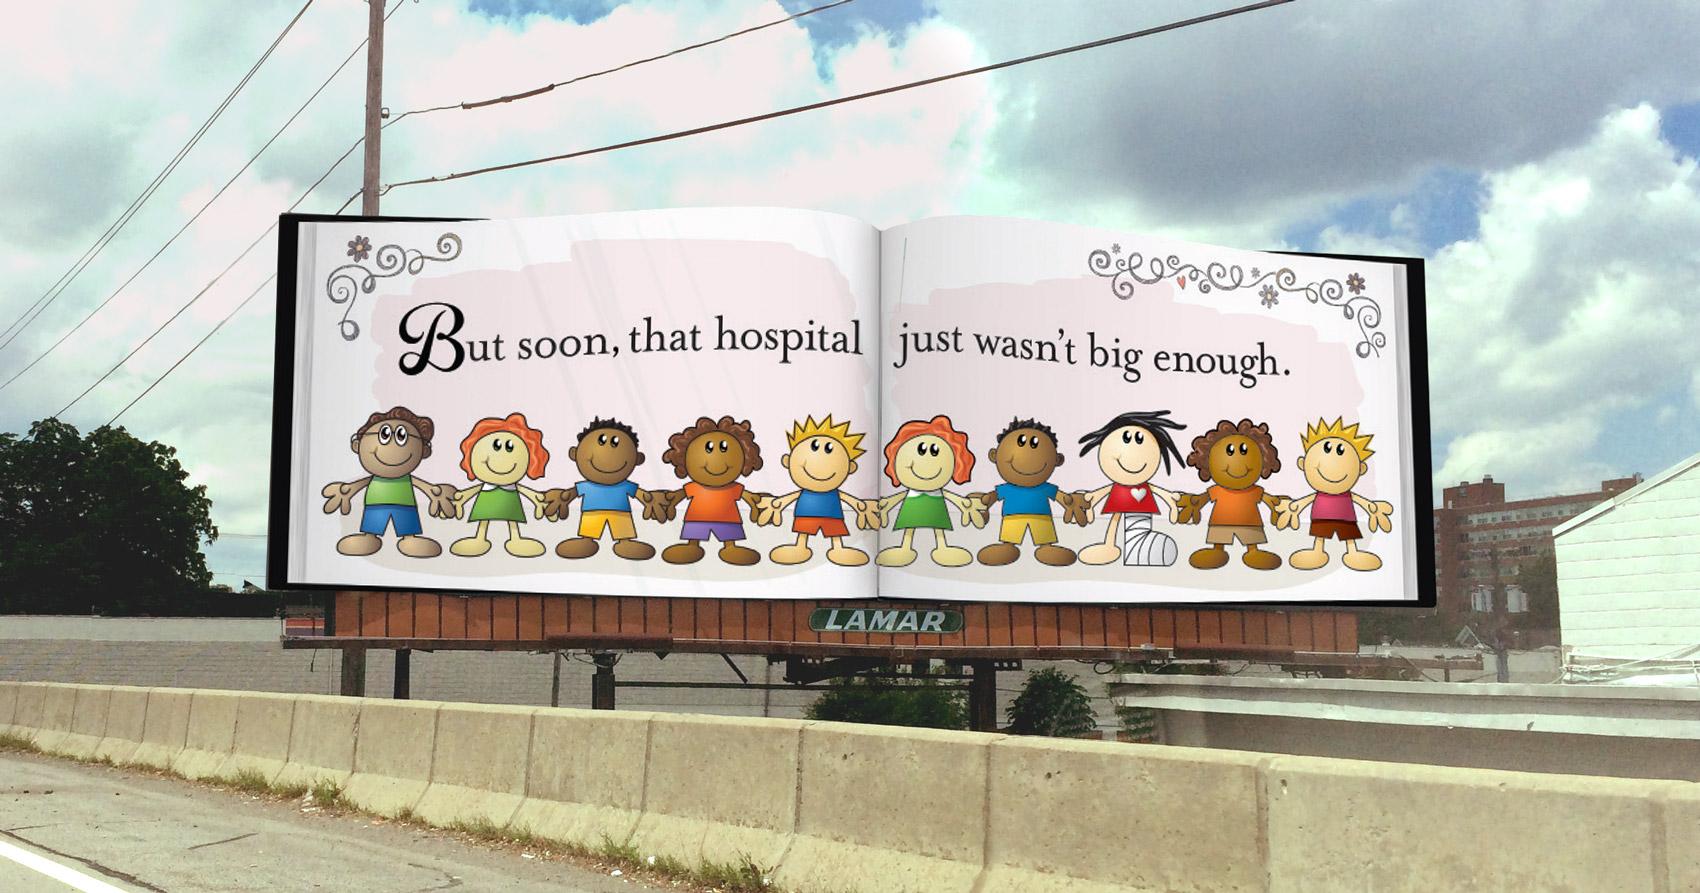 gch_3_billboard2